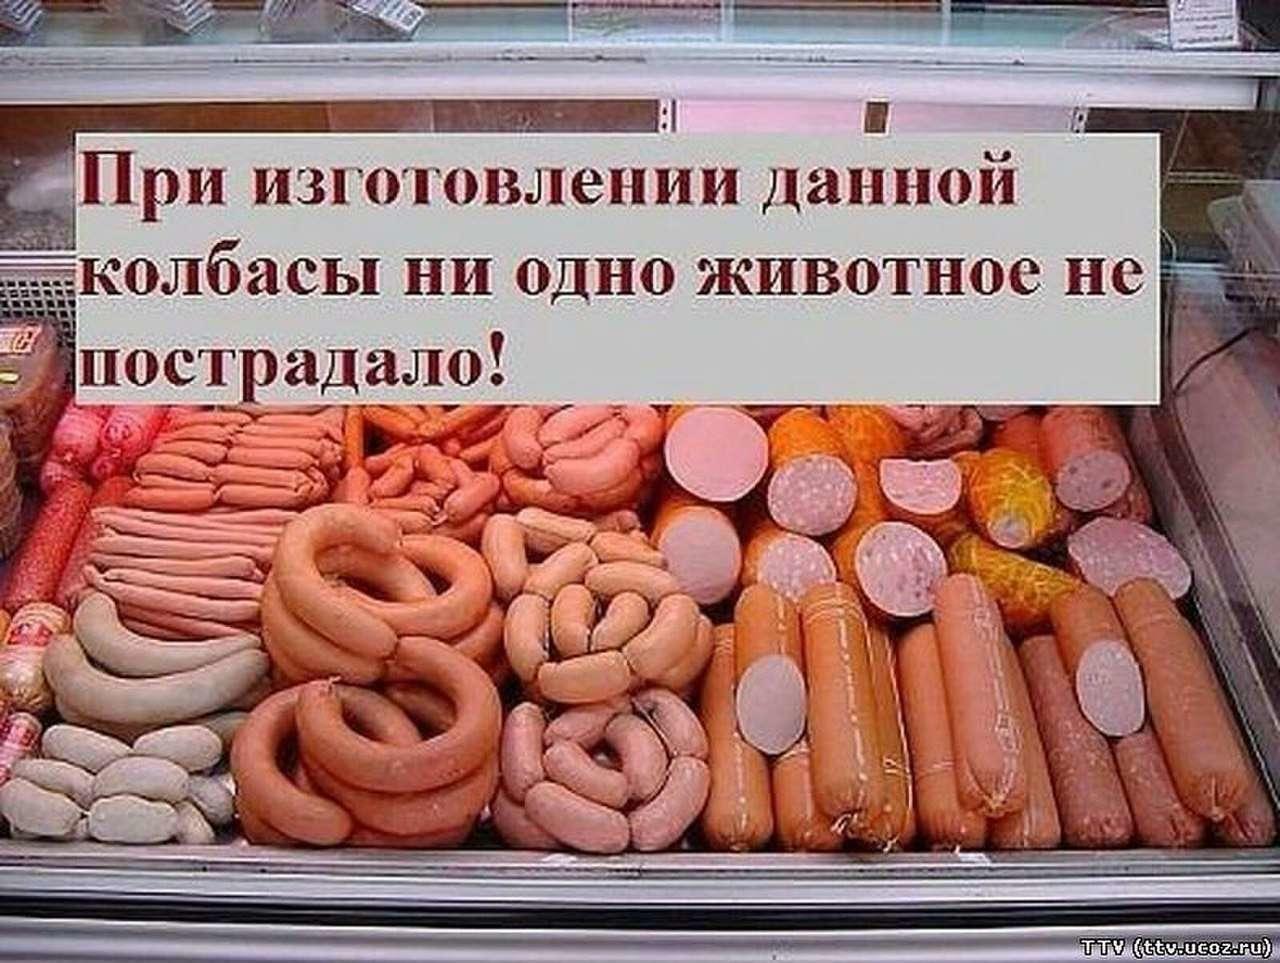 Прикольные картинки про продукты